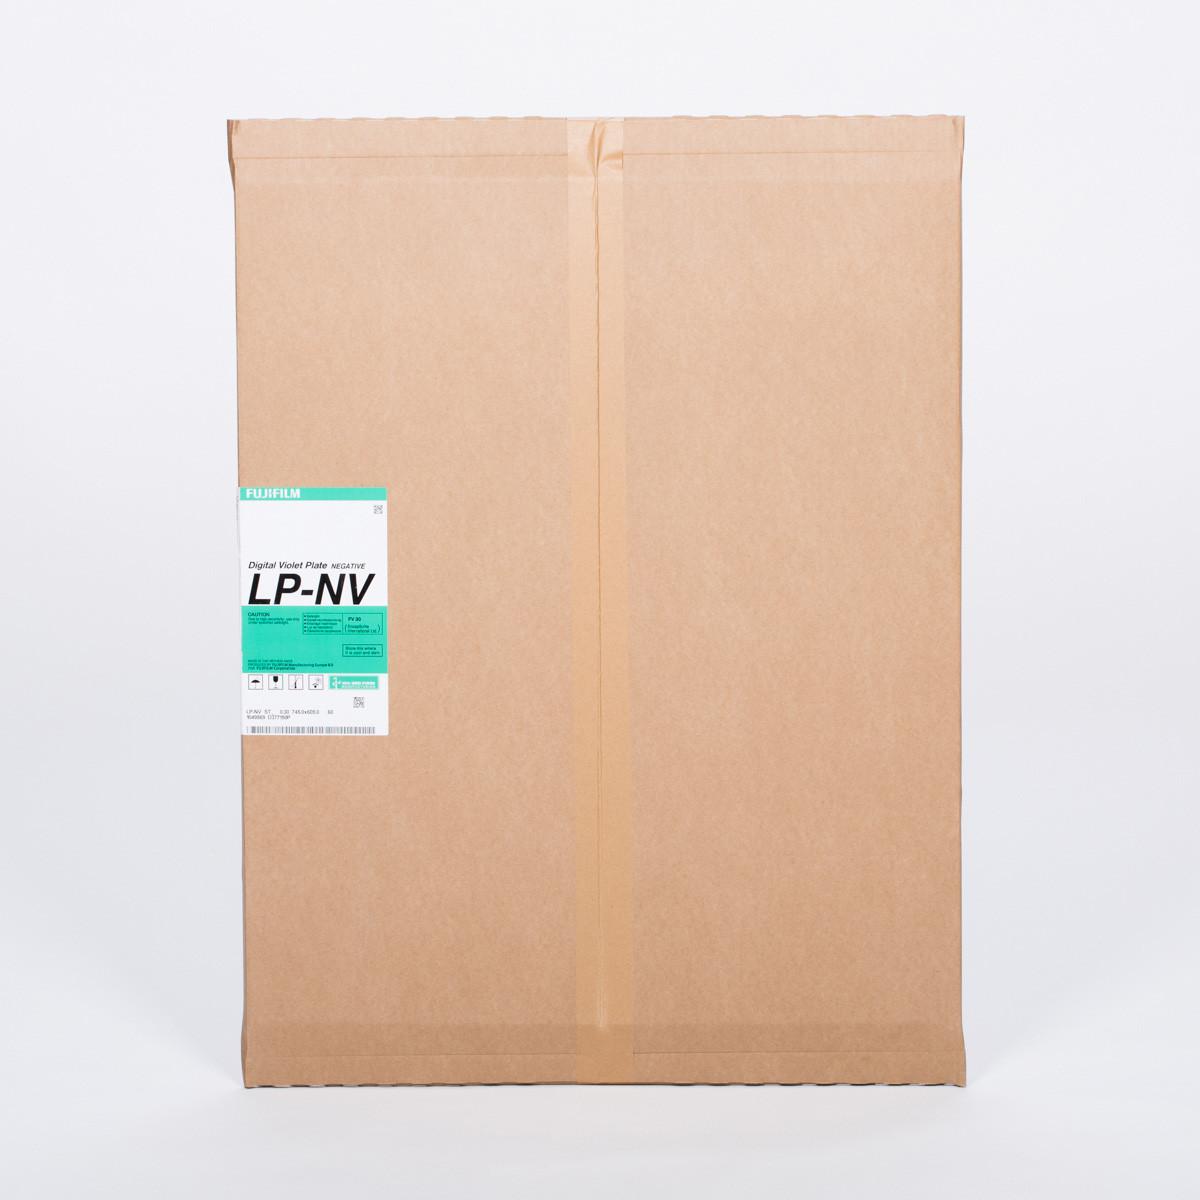 FUJI LP-NV ST 745x605x0,30x60